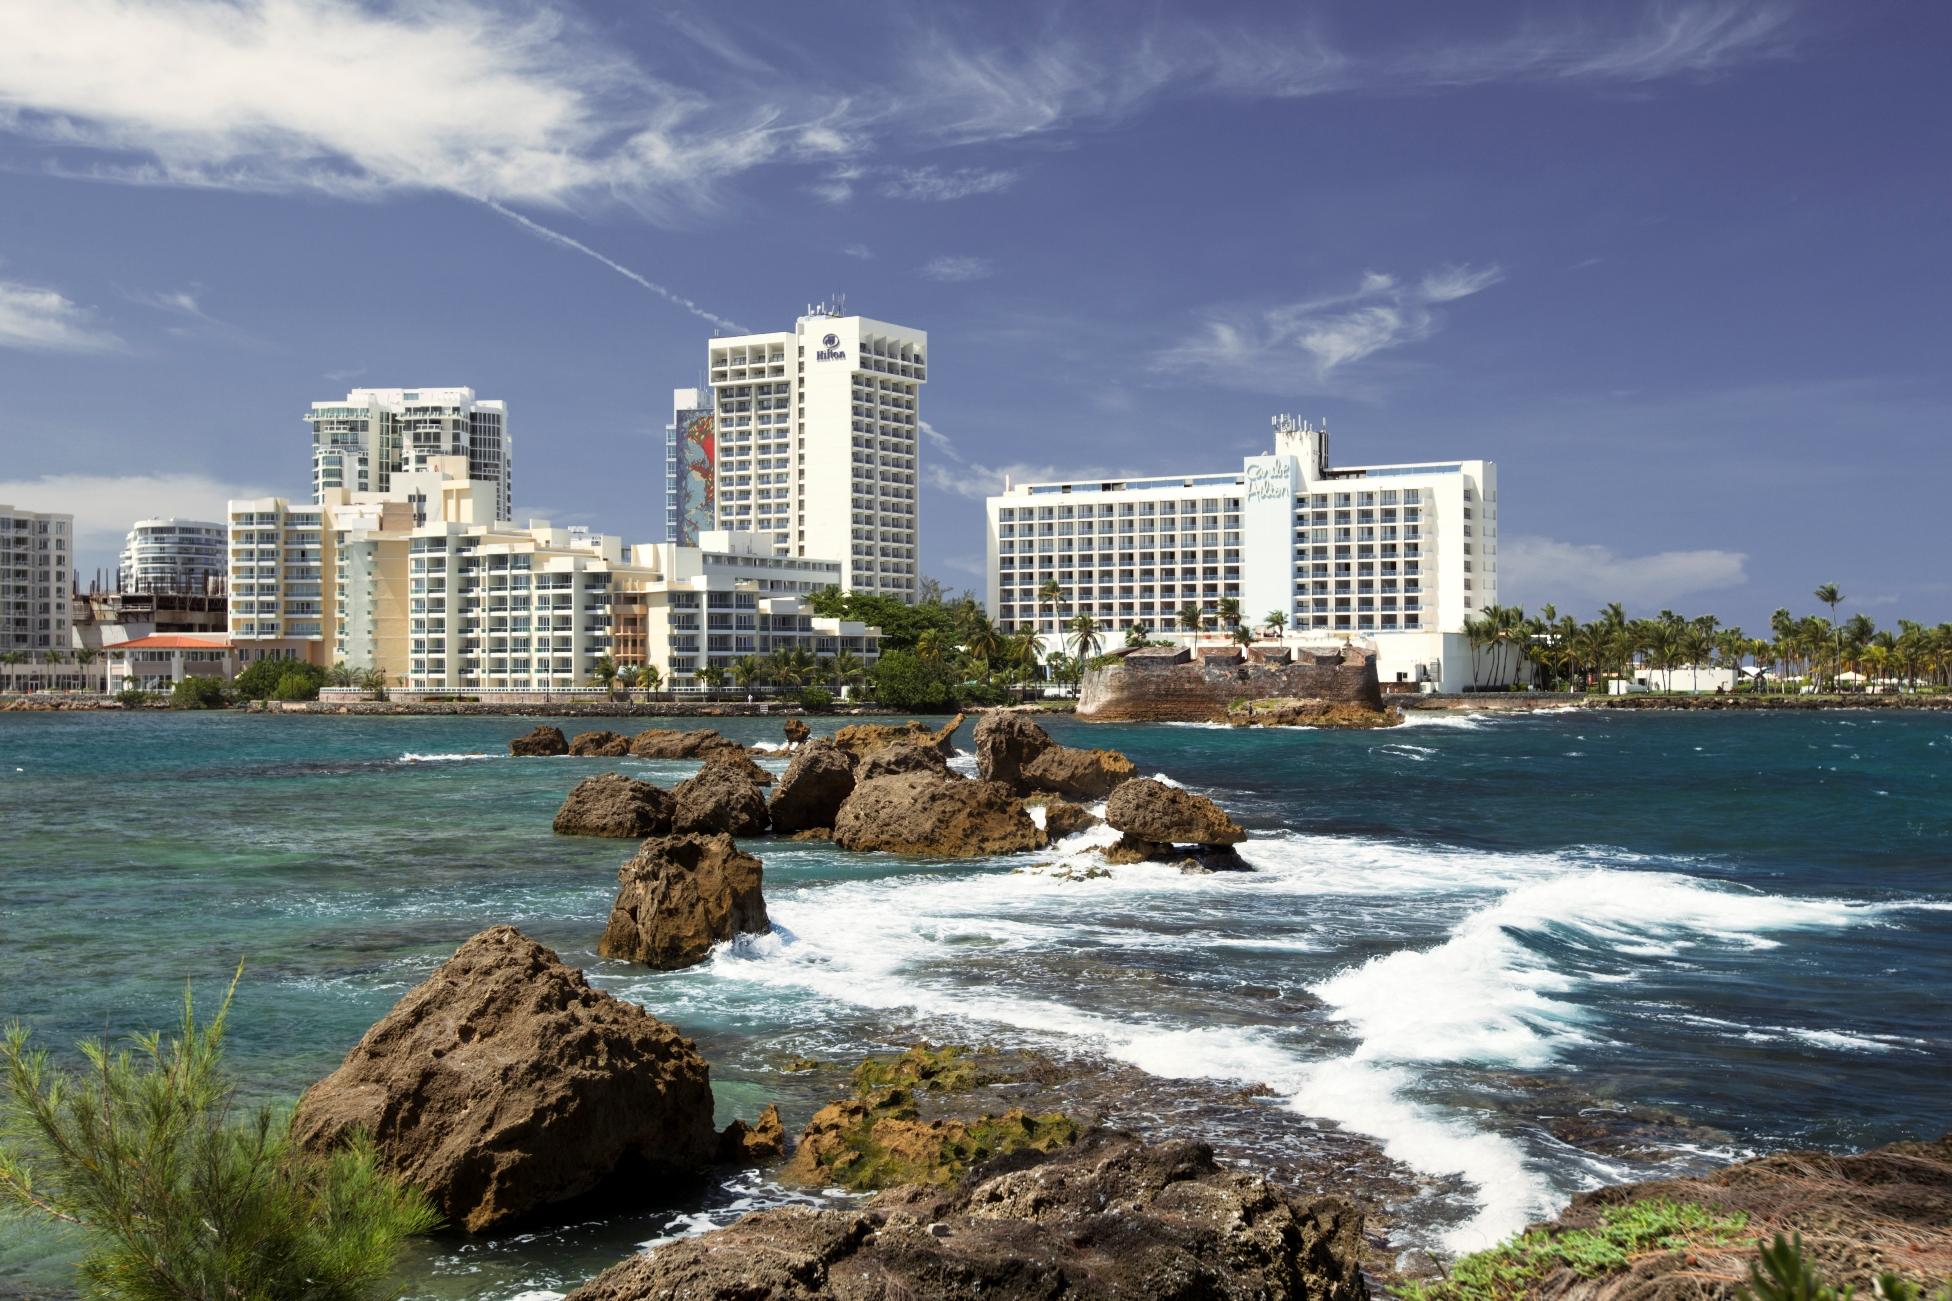 san juan puerto rico hilton casino